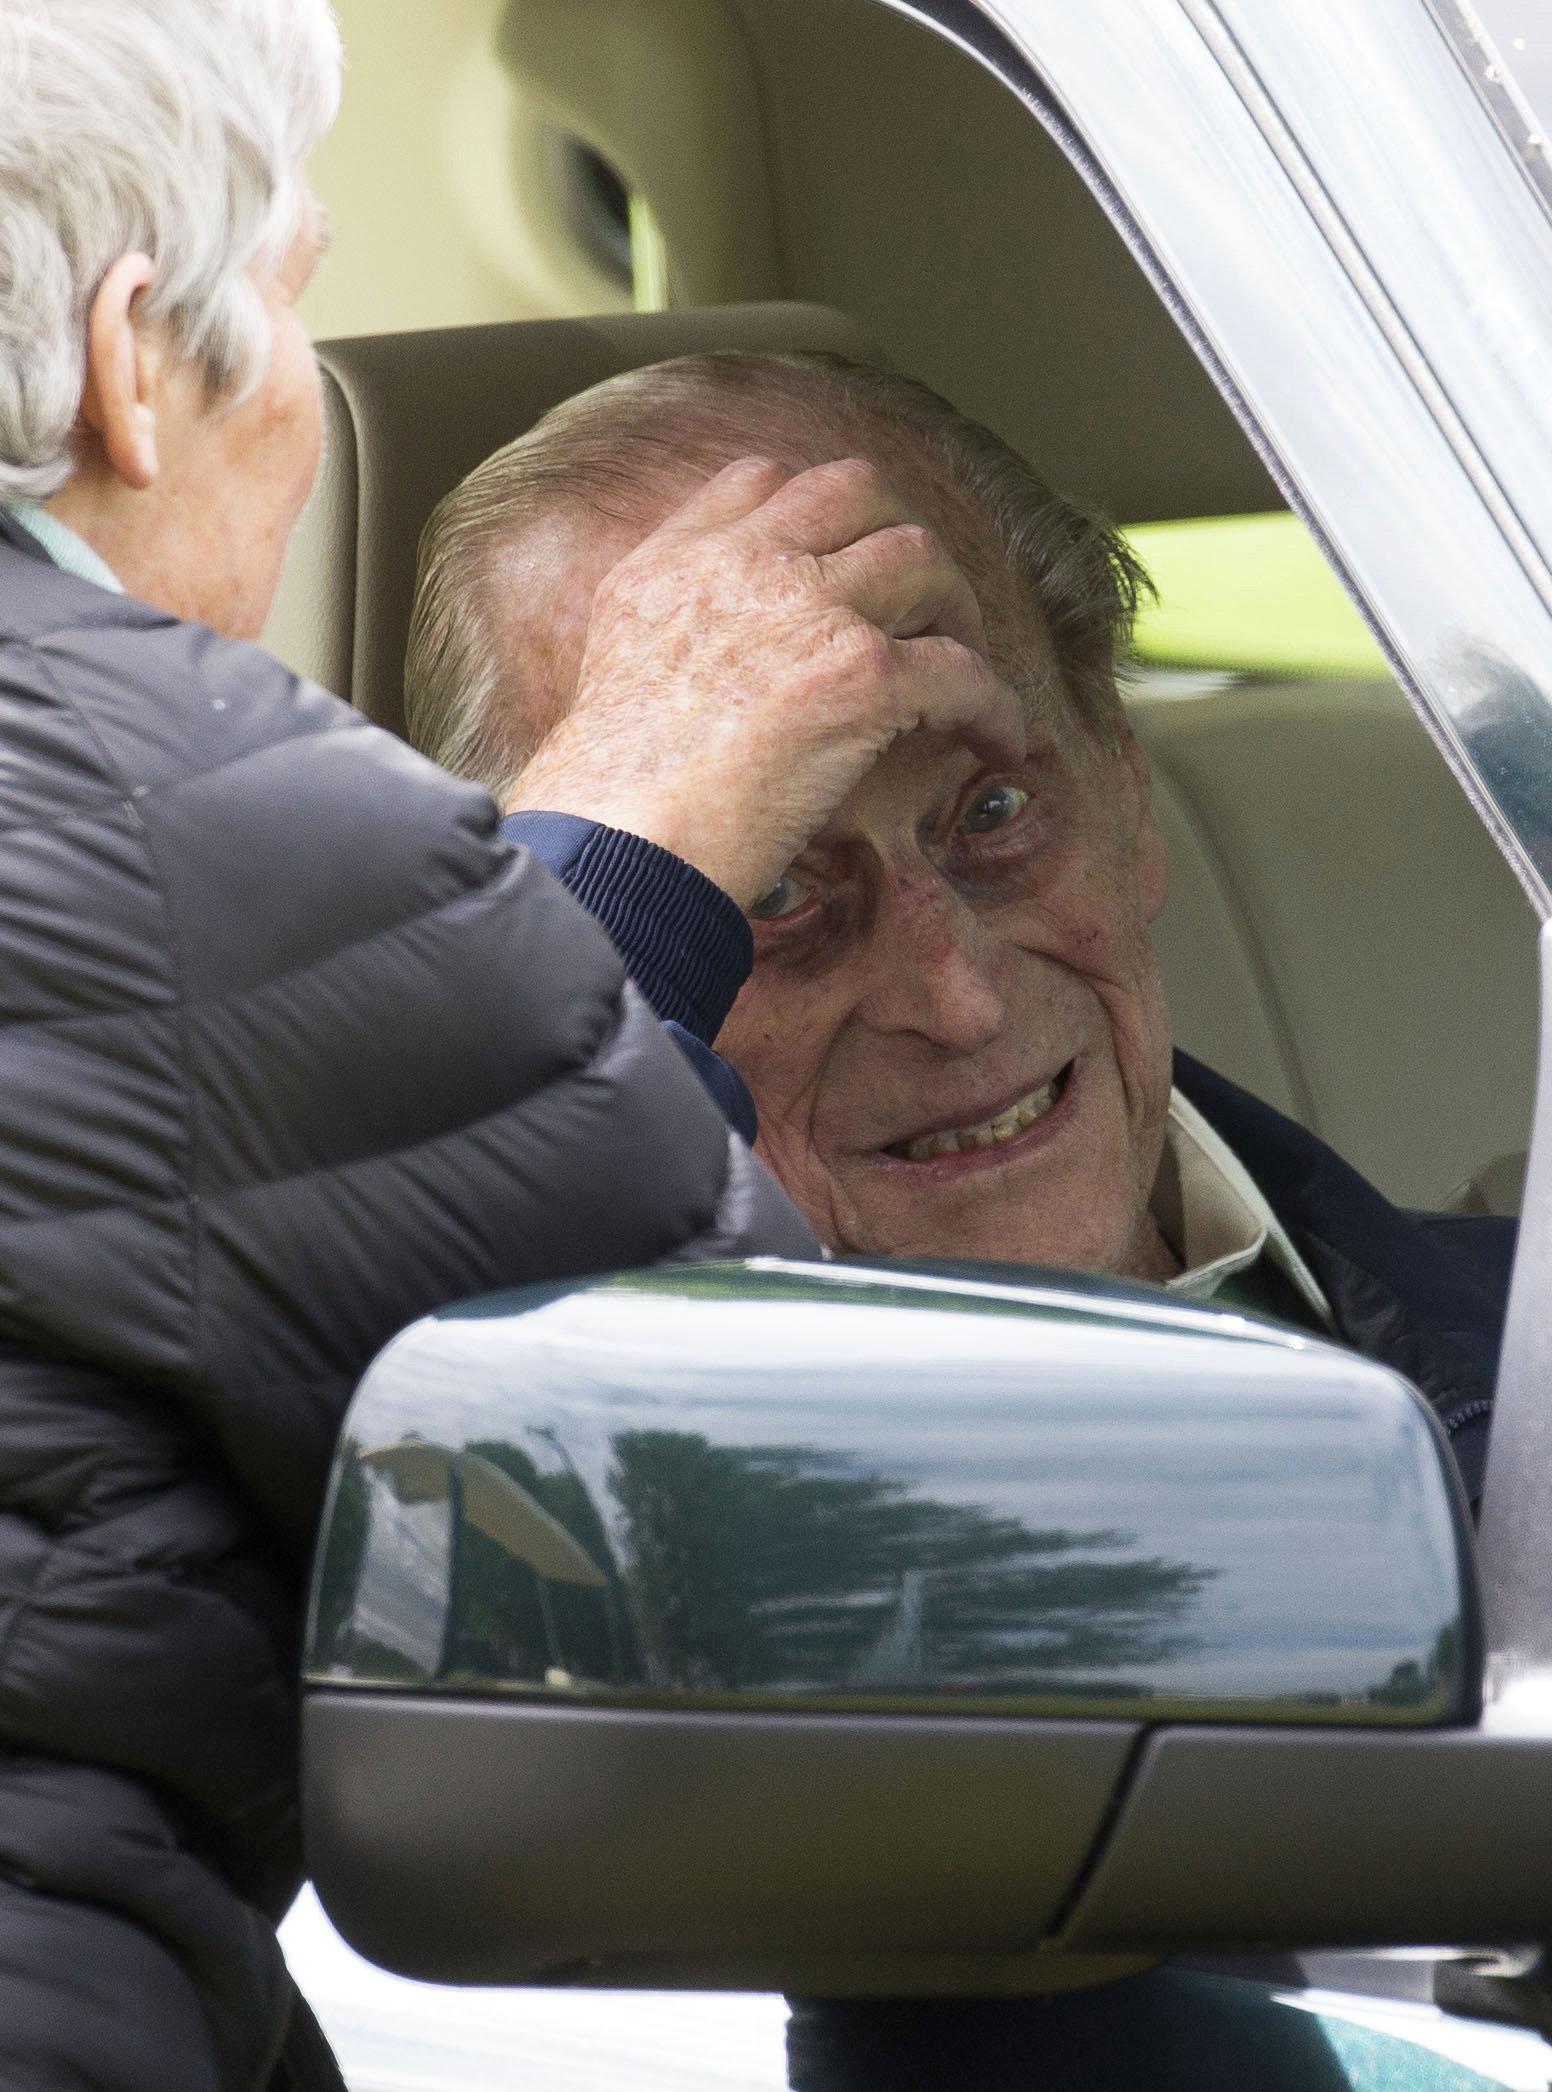 Ο 97χρονος πρίγκιπας Φίλιππος έκανε τελικά αυτό που έπρεπε με την άδεια οδήγησής